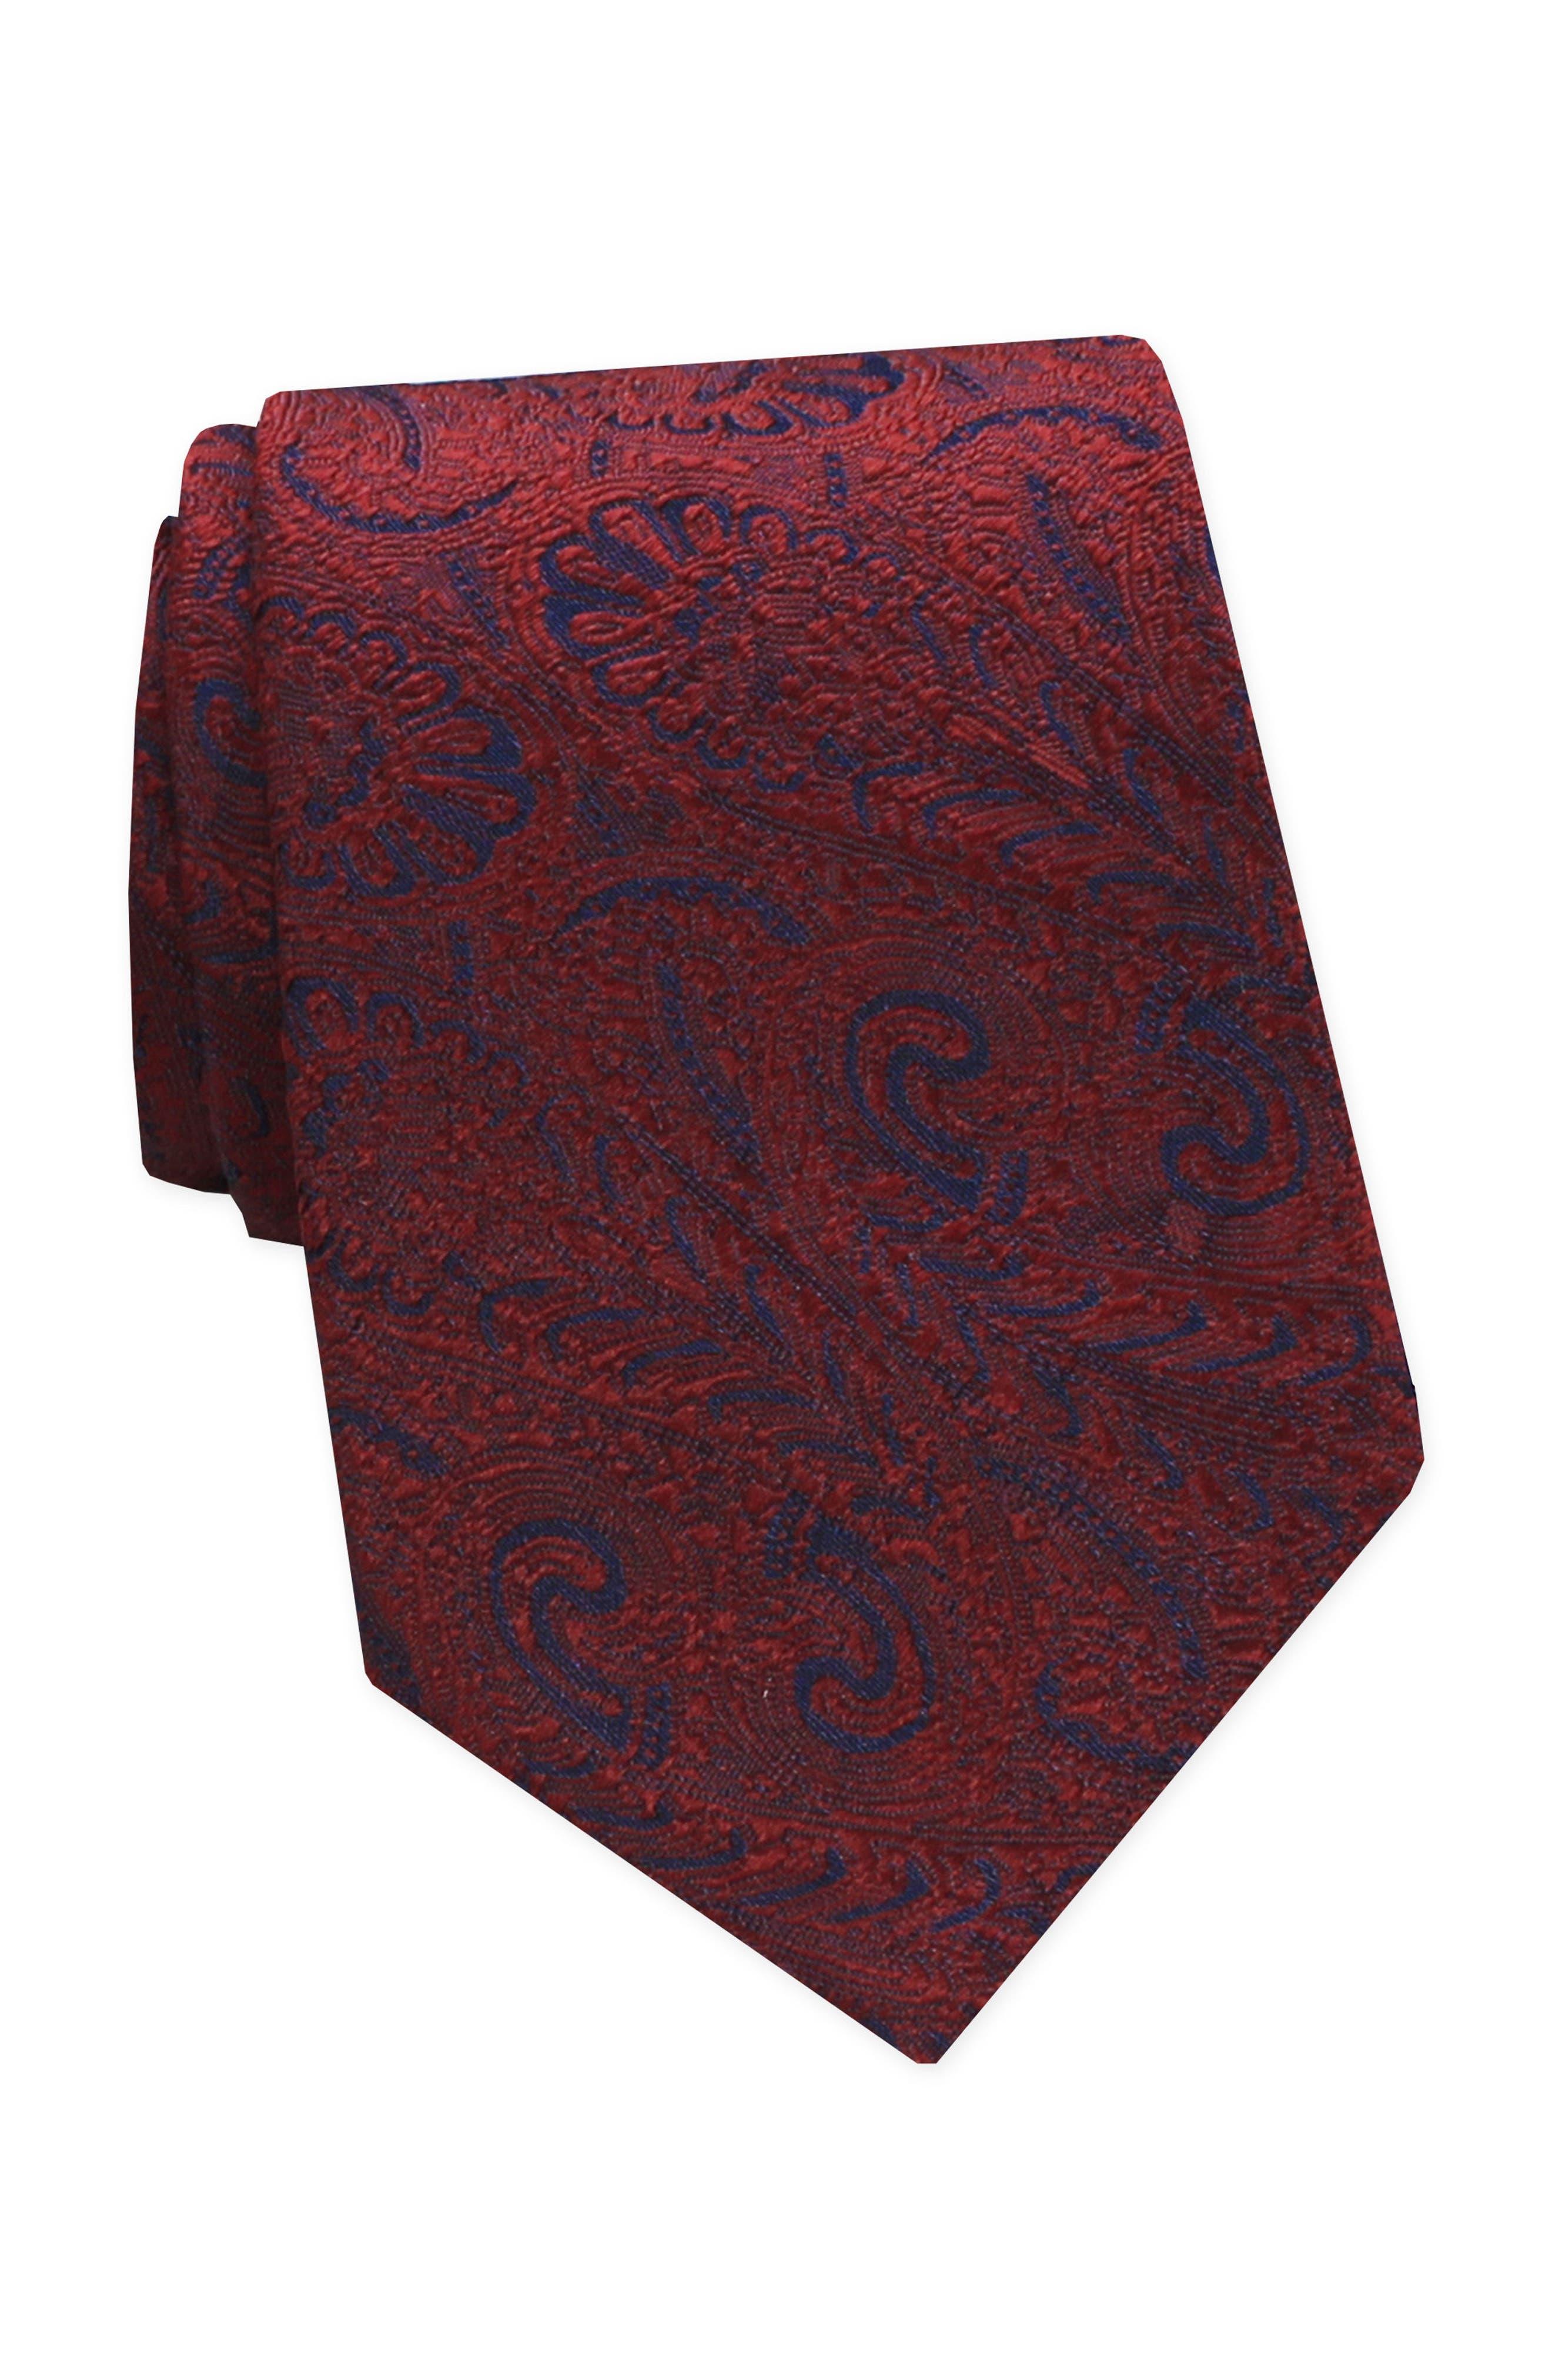 Main Image - Gitman Paisley Silk Tie